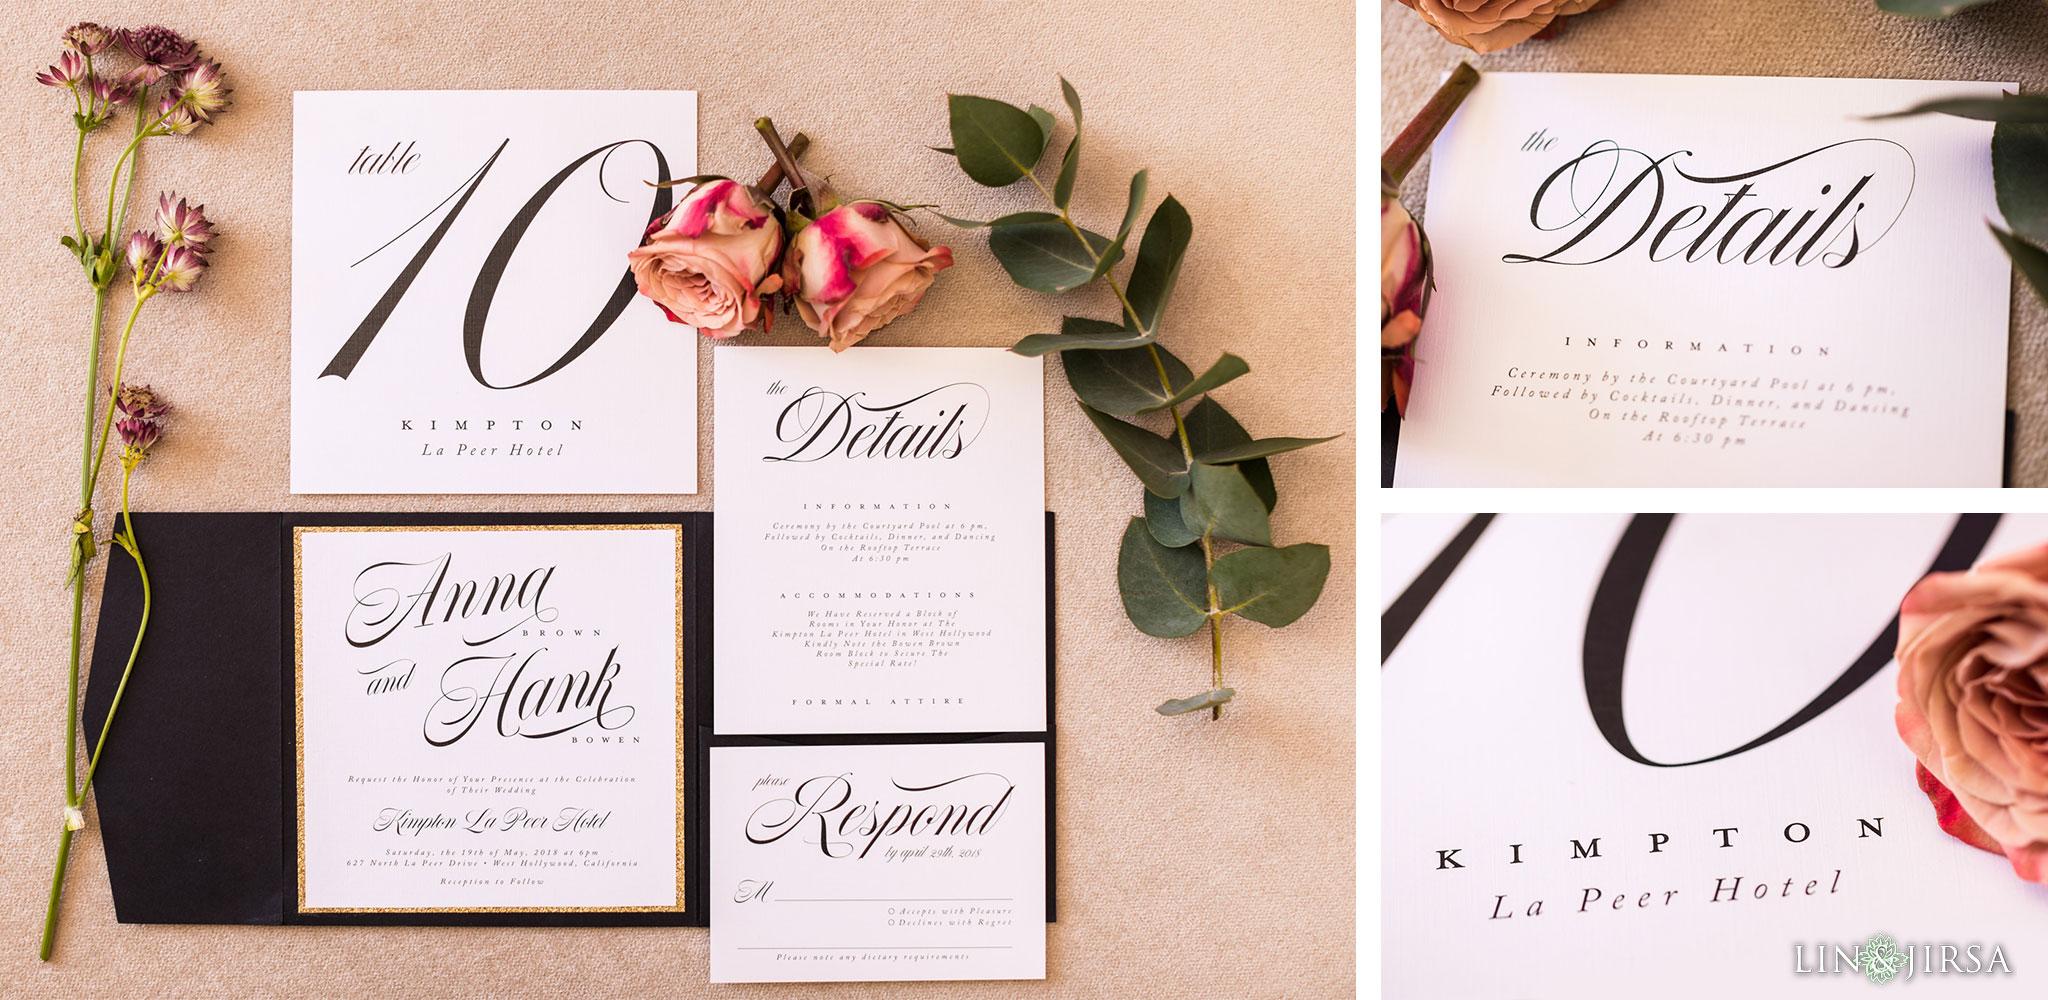 02 Kimpton La Peer Hotel West Hollywood Stylized Wedding Photography